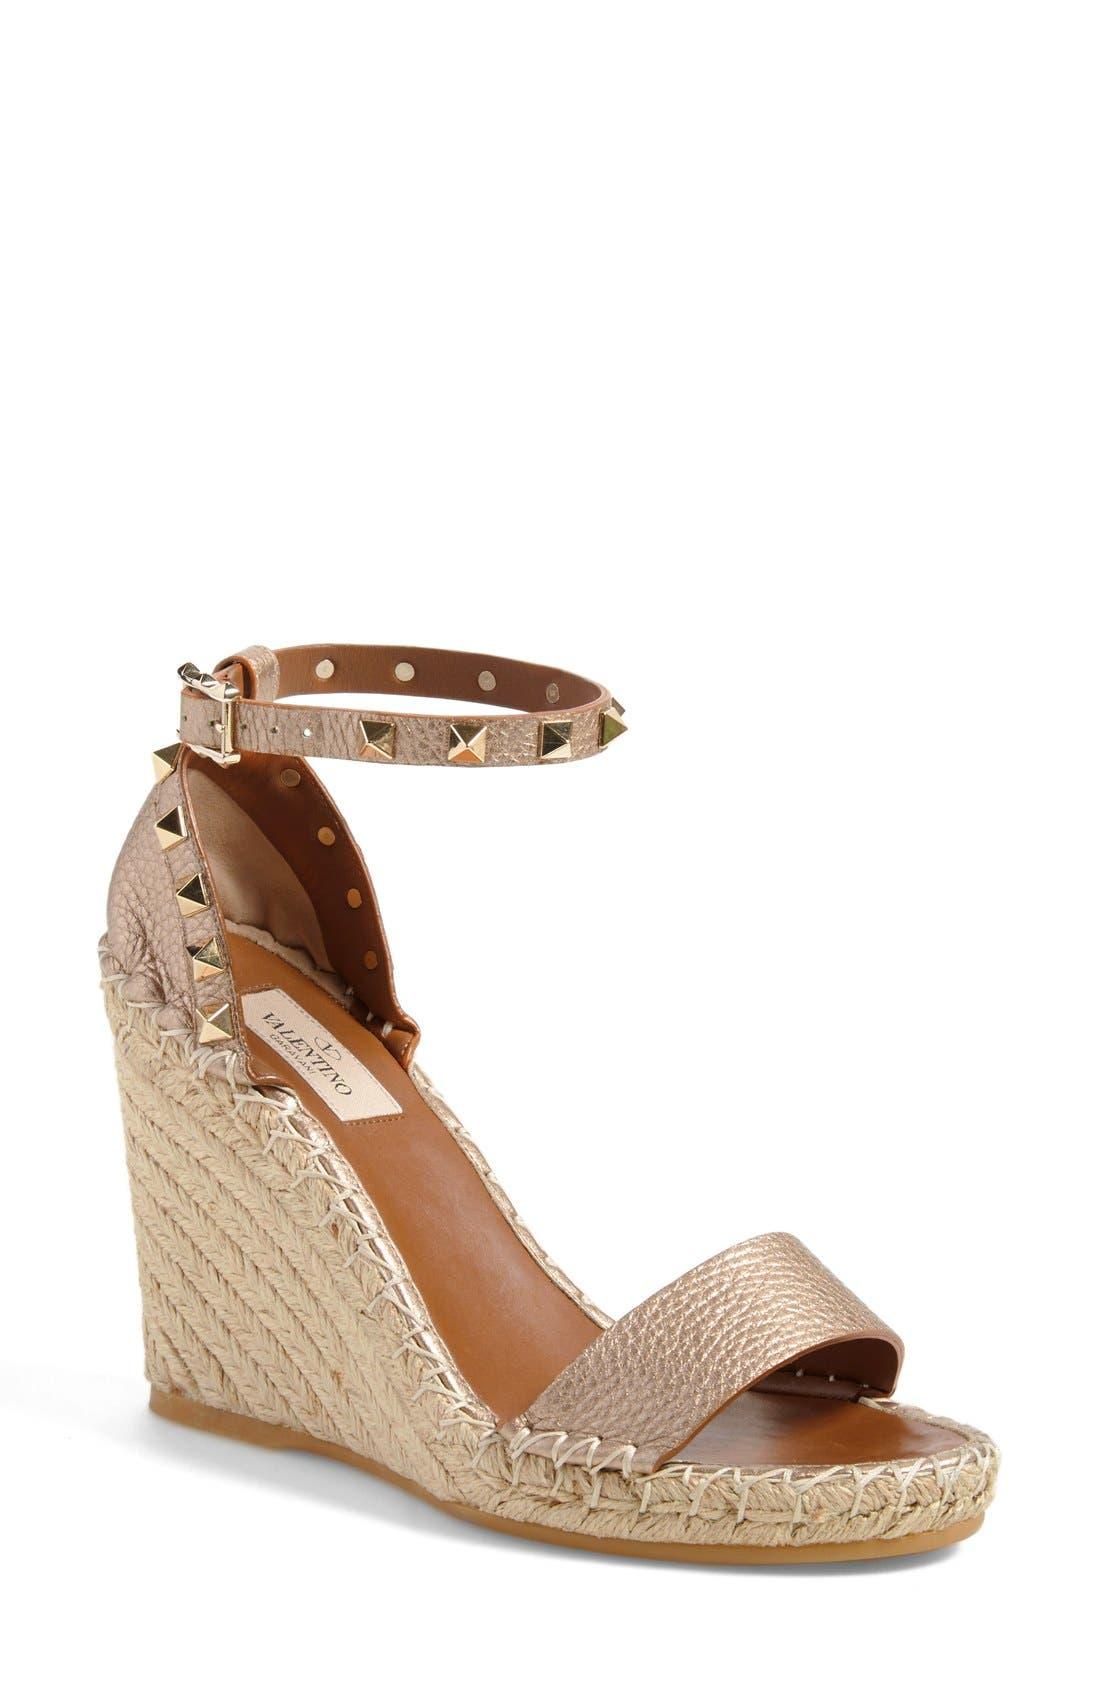 'Rockstud' Wedge Espadrille Sandal,                         Main,                         color, Metallic Leather